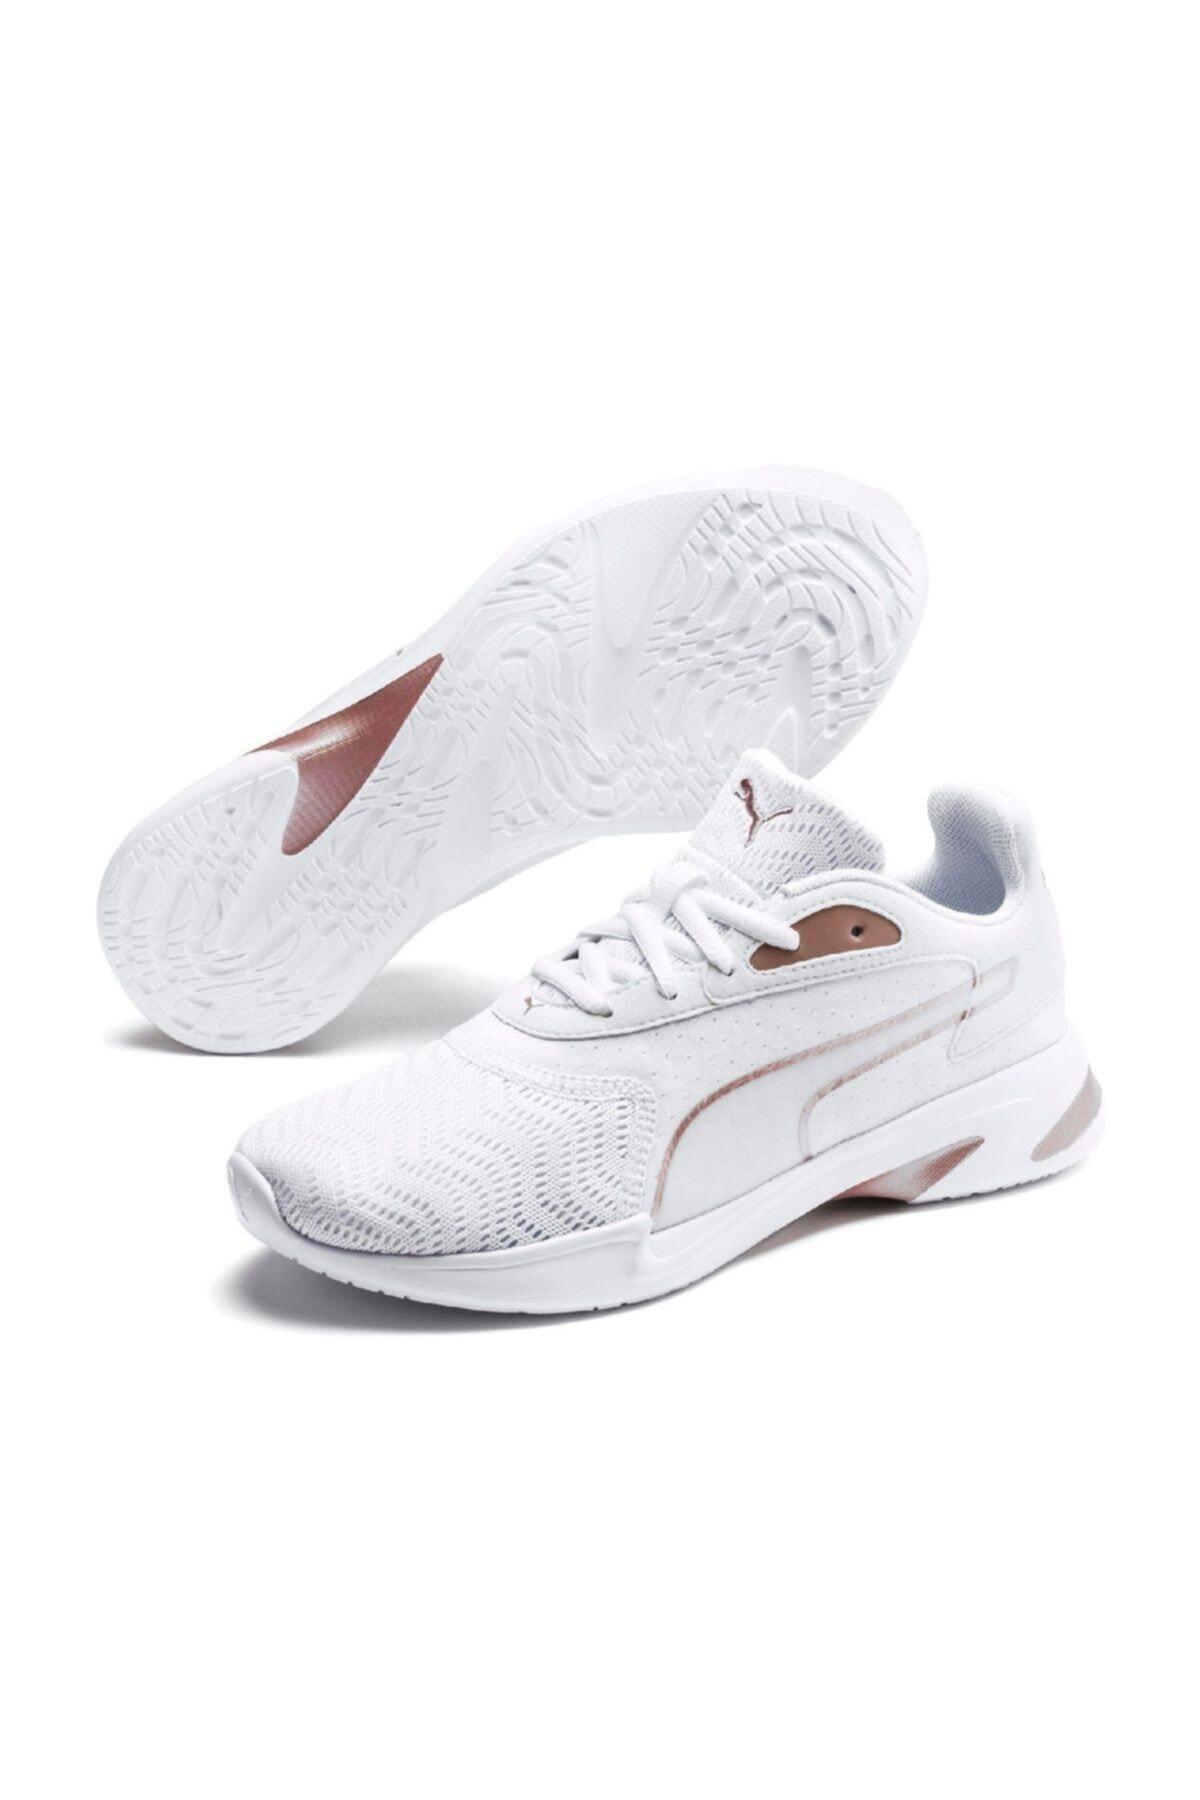 Puma JAROMETAL WNS Beyaz Kadın Koşu Ayakkabısı 100547118 2